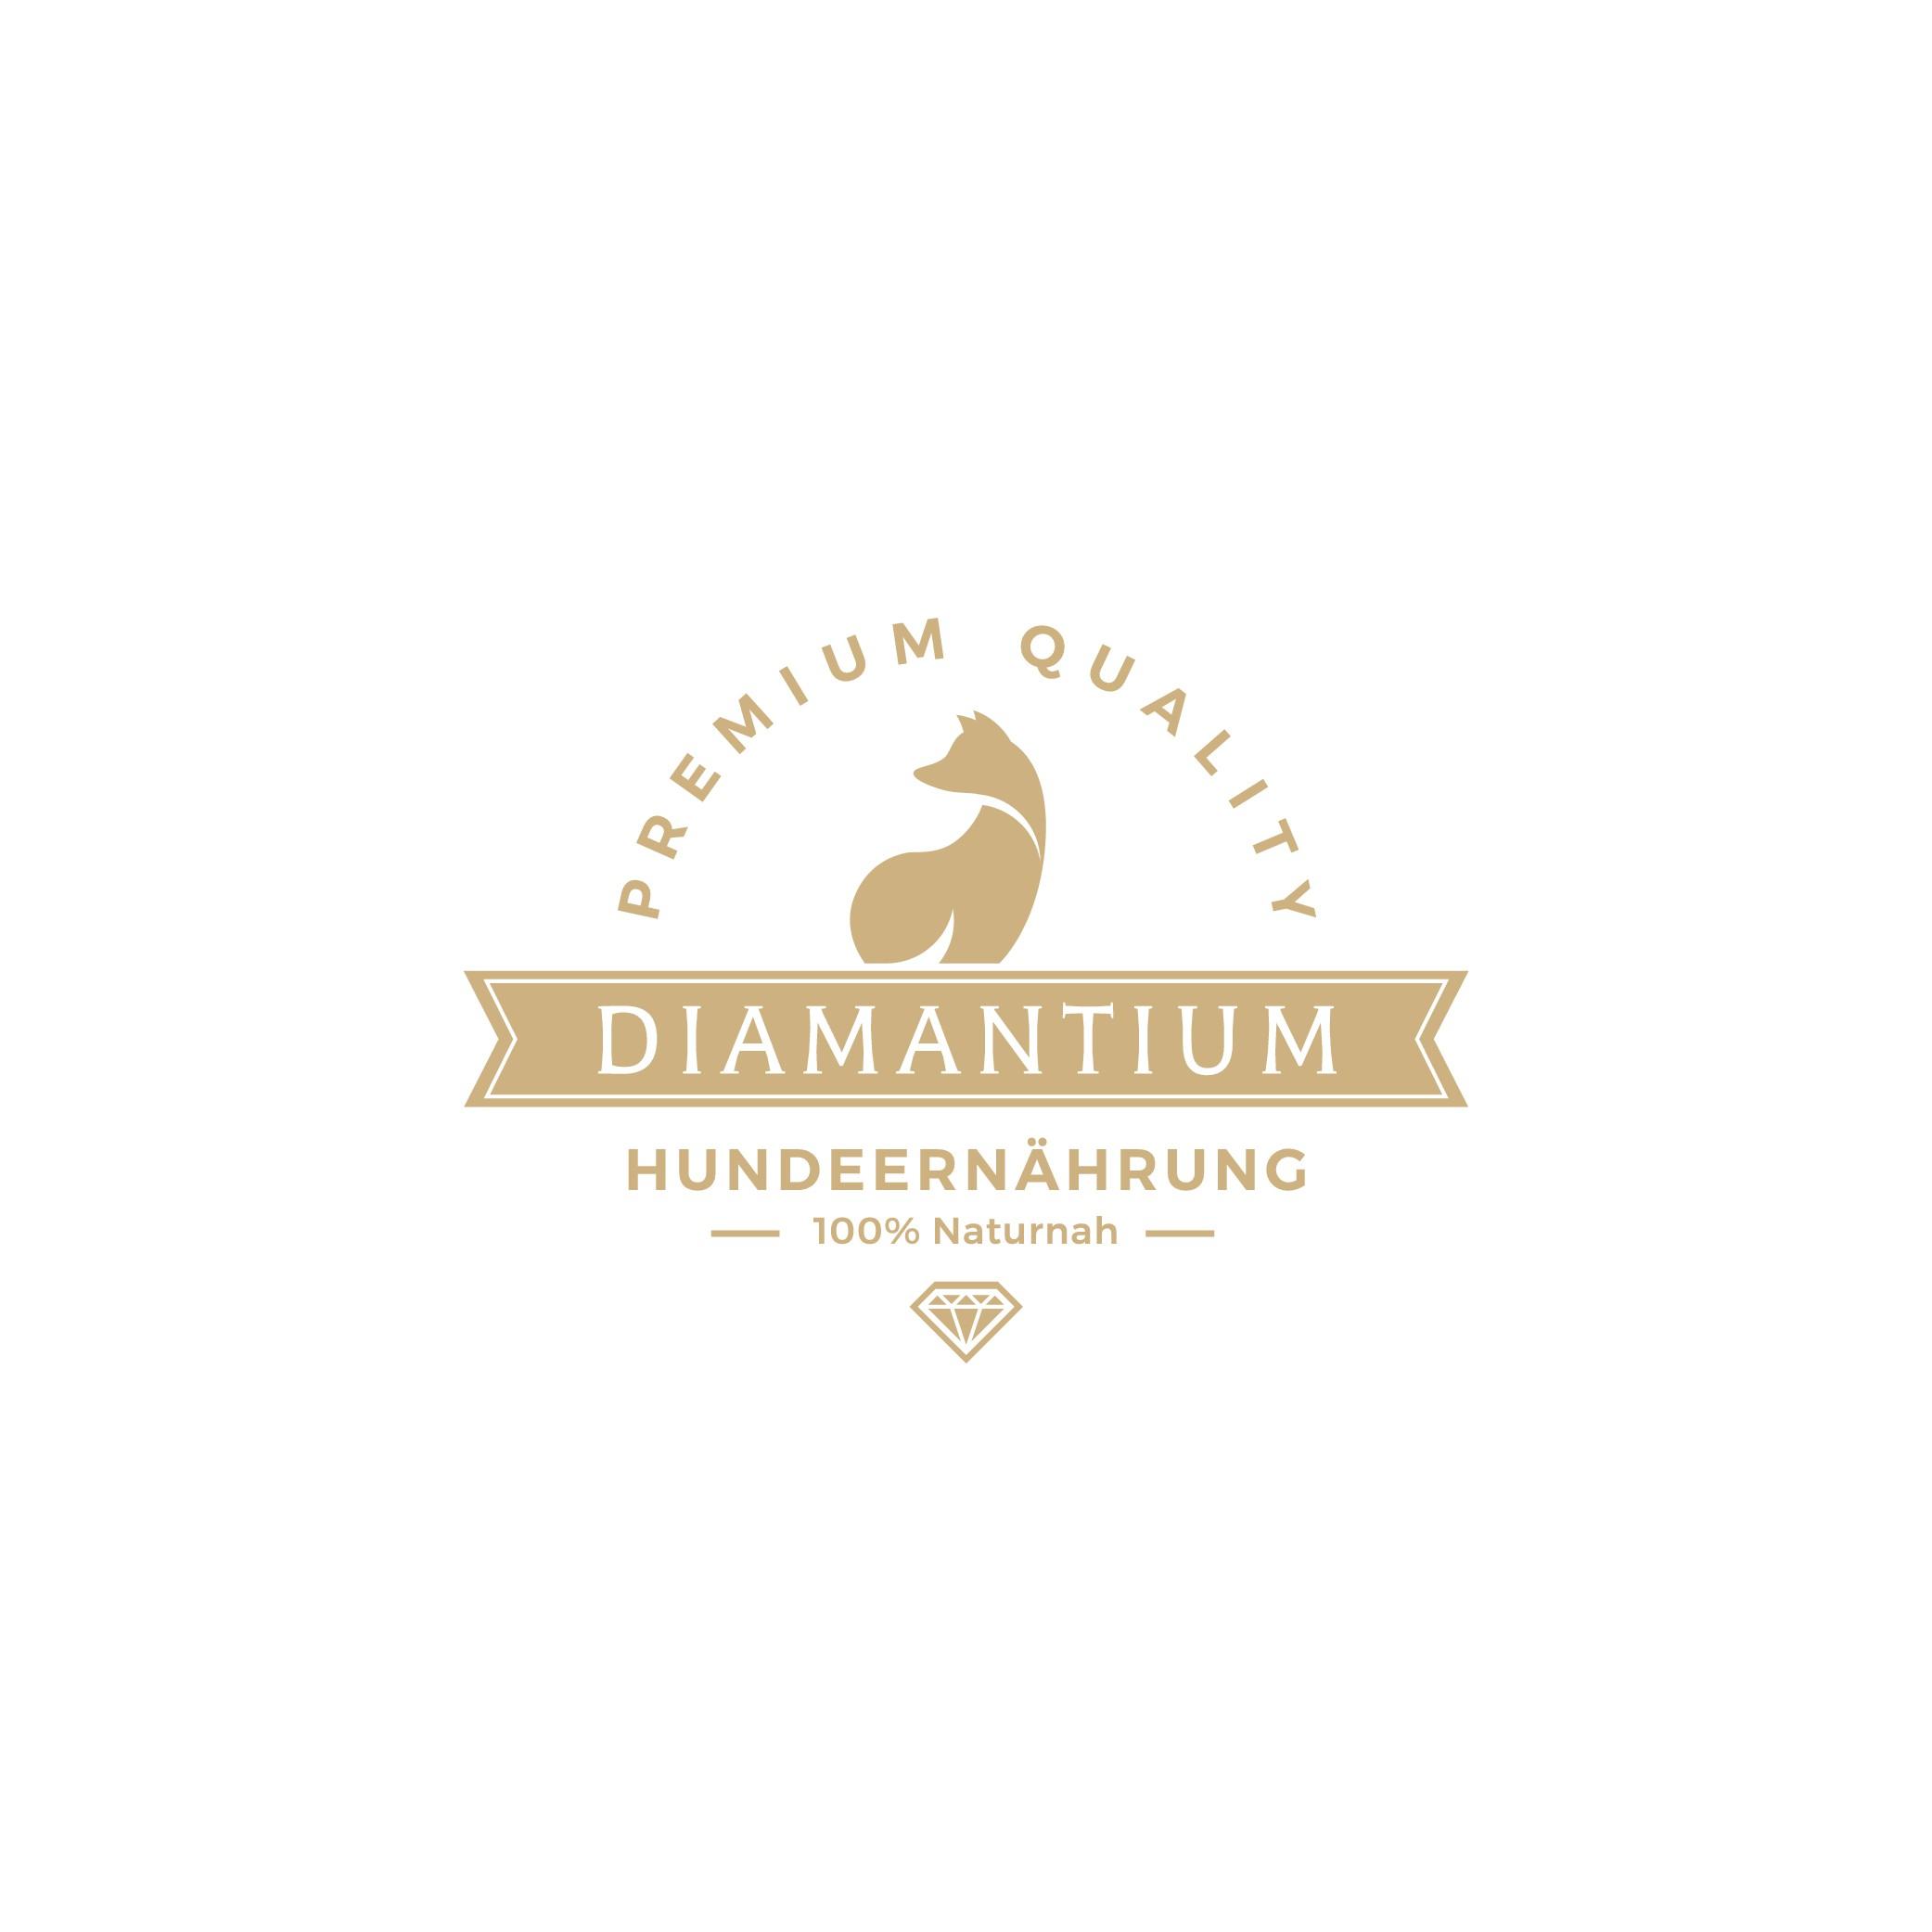 Erstelle ein Logo für Diamantium Hundefutter der absolut luxuriösen Spitzenklasse - Luxus bitte, nicht verspielt